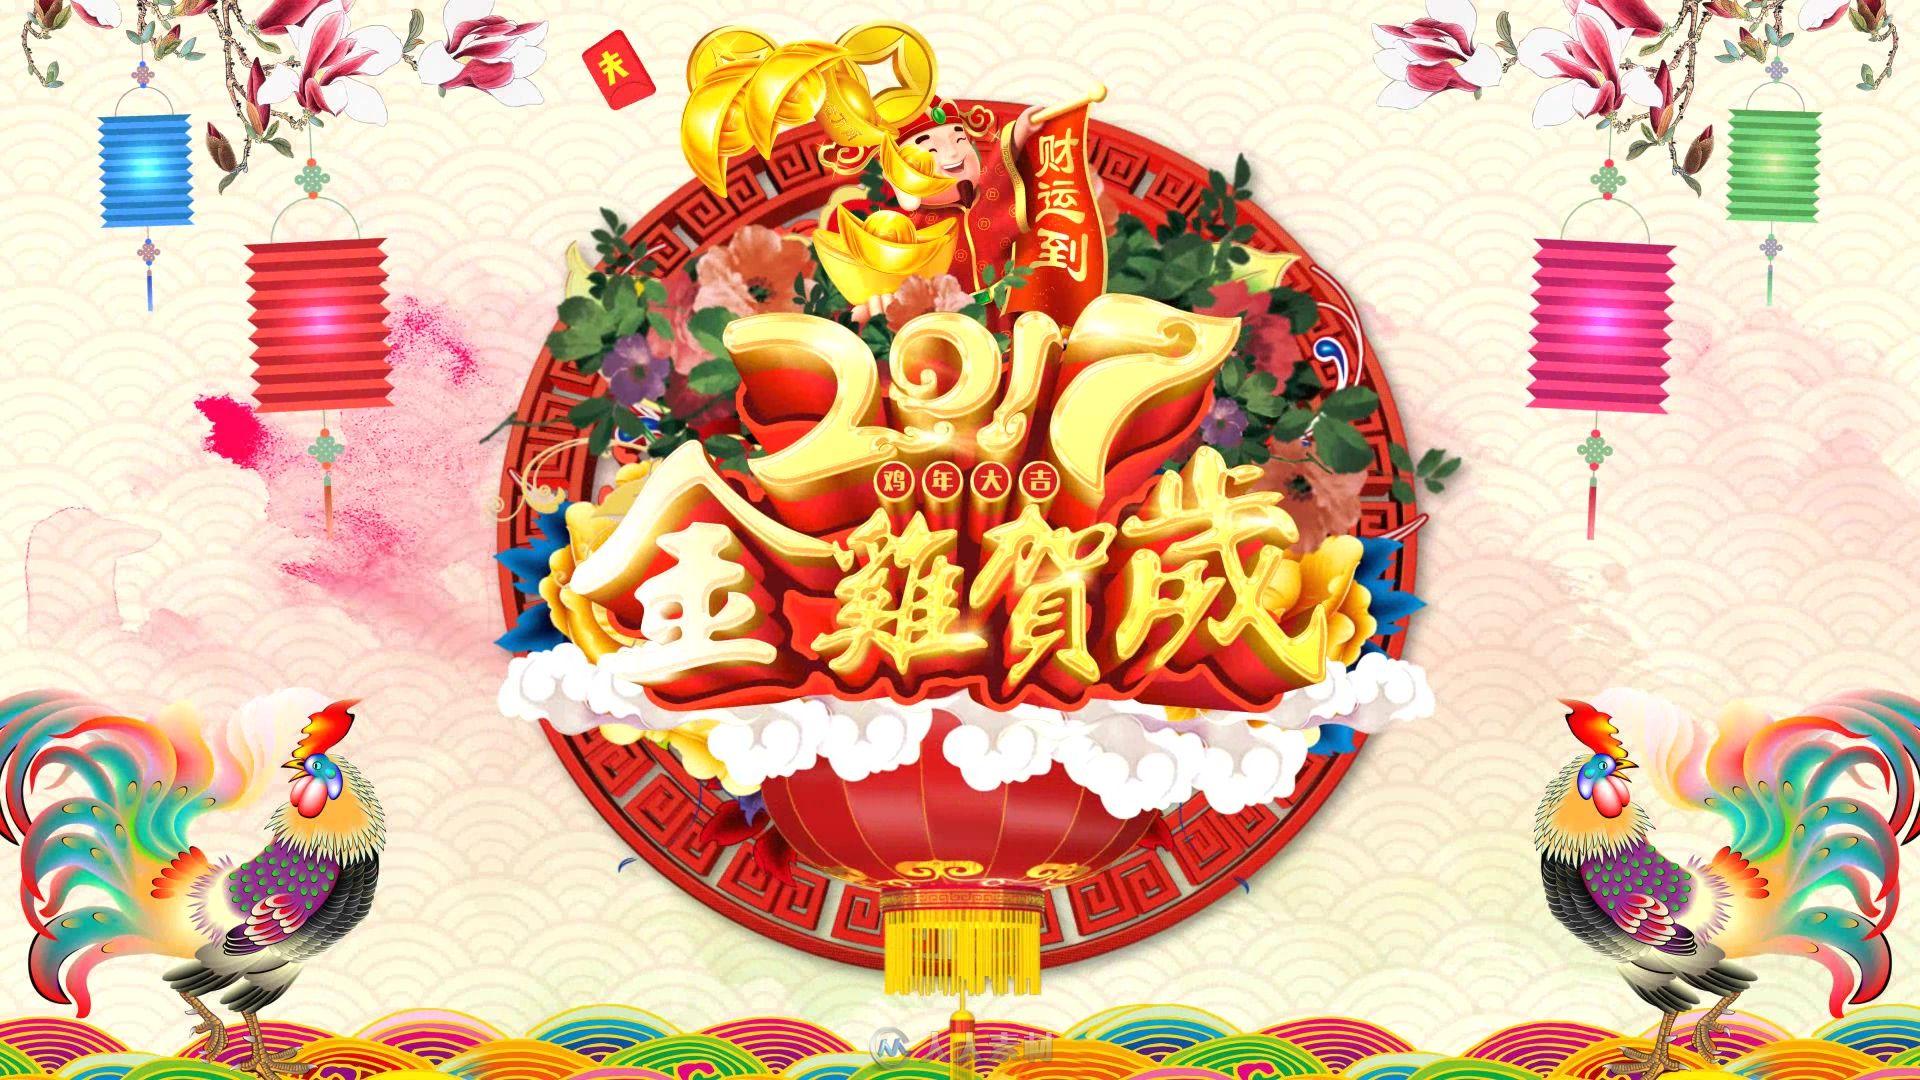 鸡年企业拜年视频遮罩中国风大气新年祝福片头边框ae